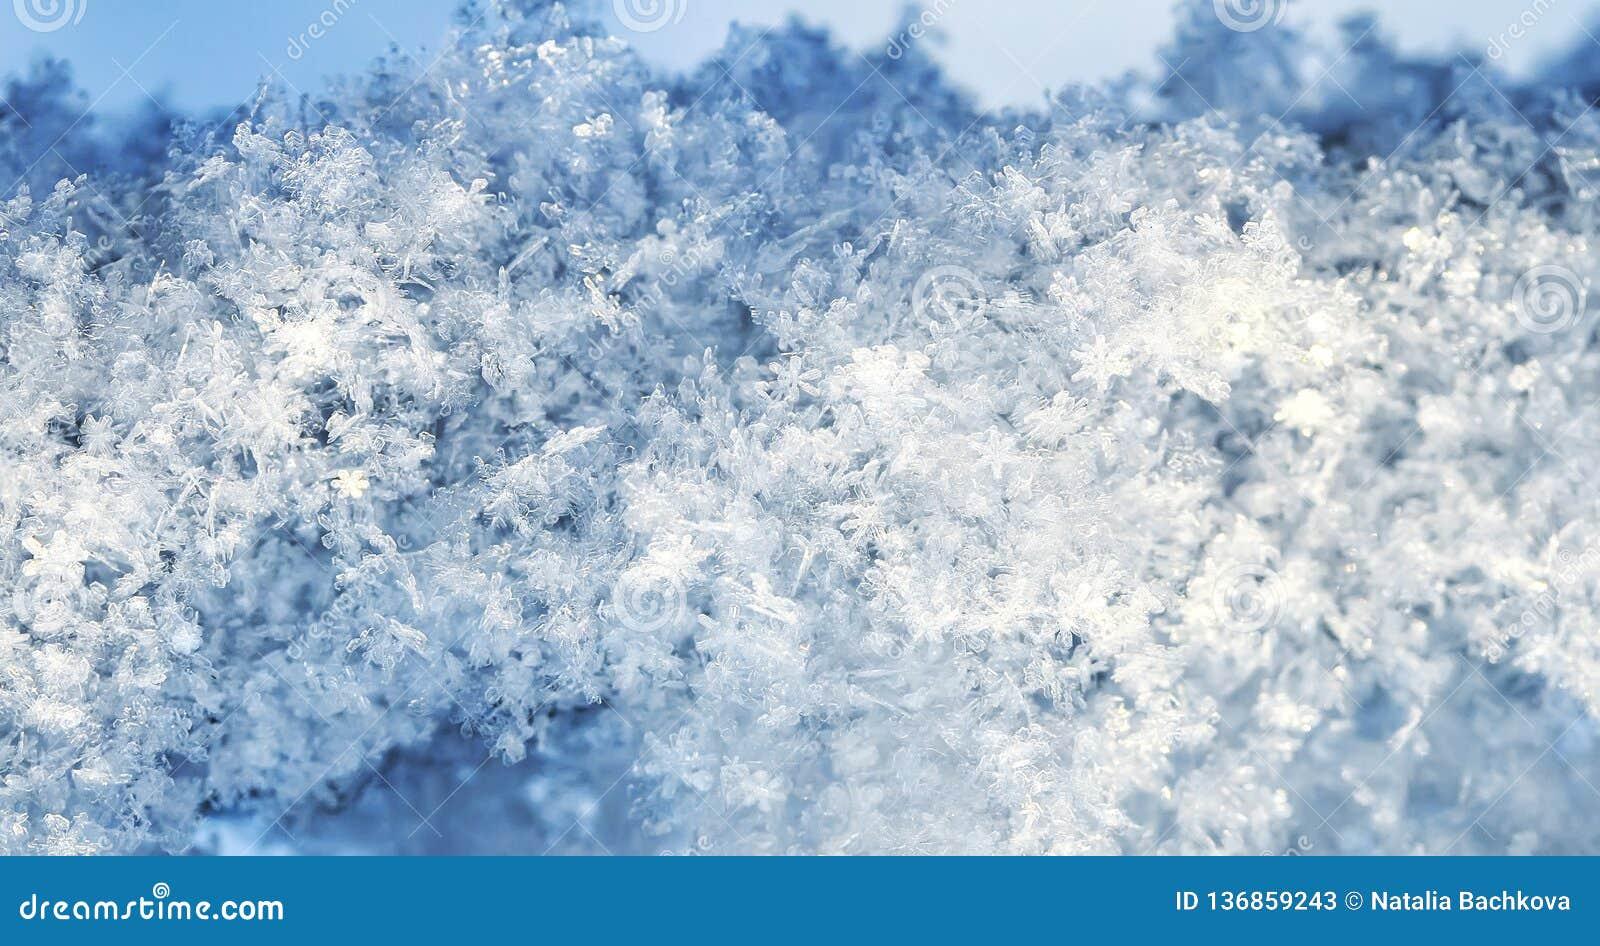 предпосылка много снежинок различных форм и shimmer текстуры в солнце на ясный зимний день